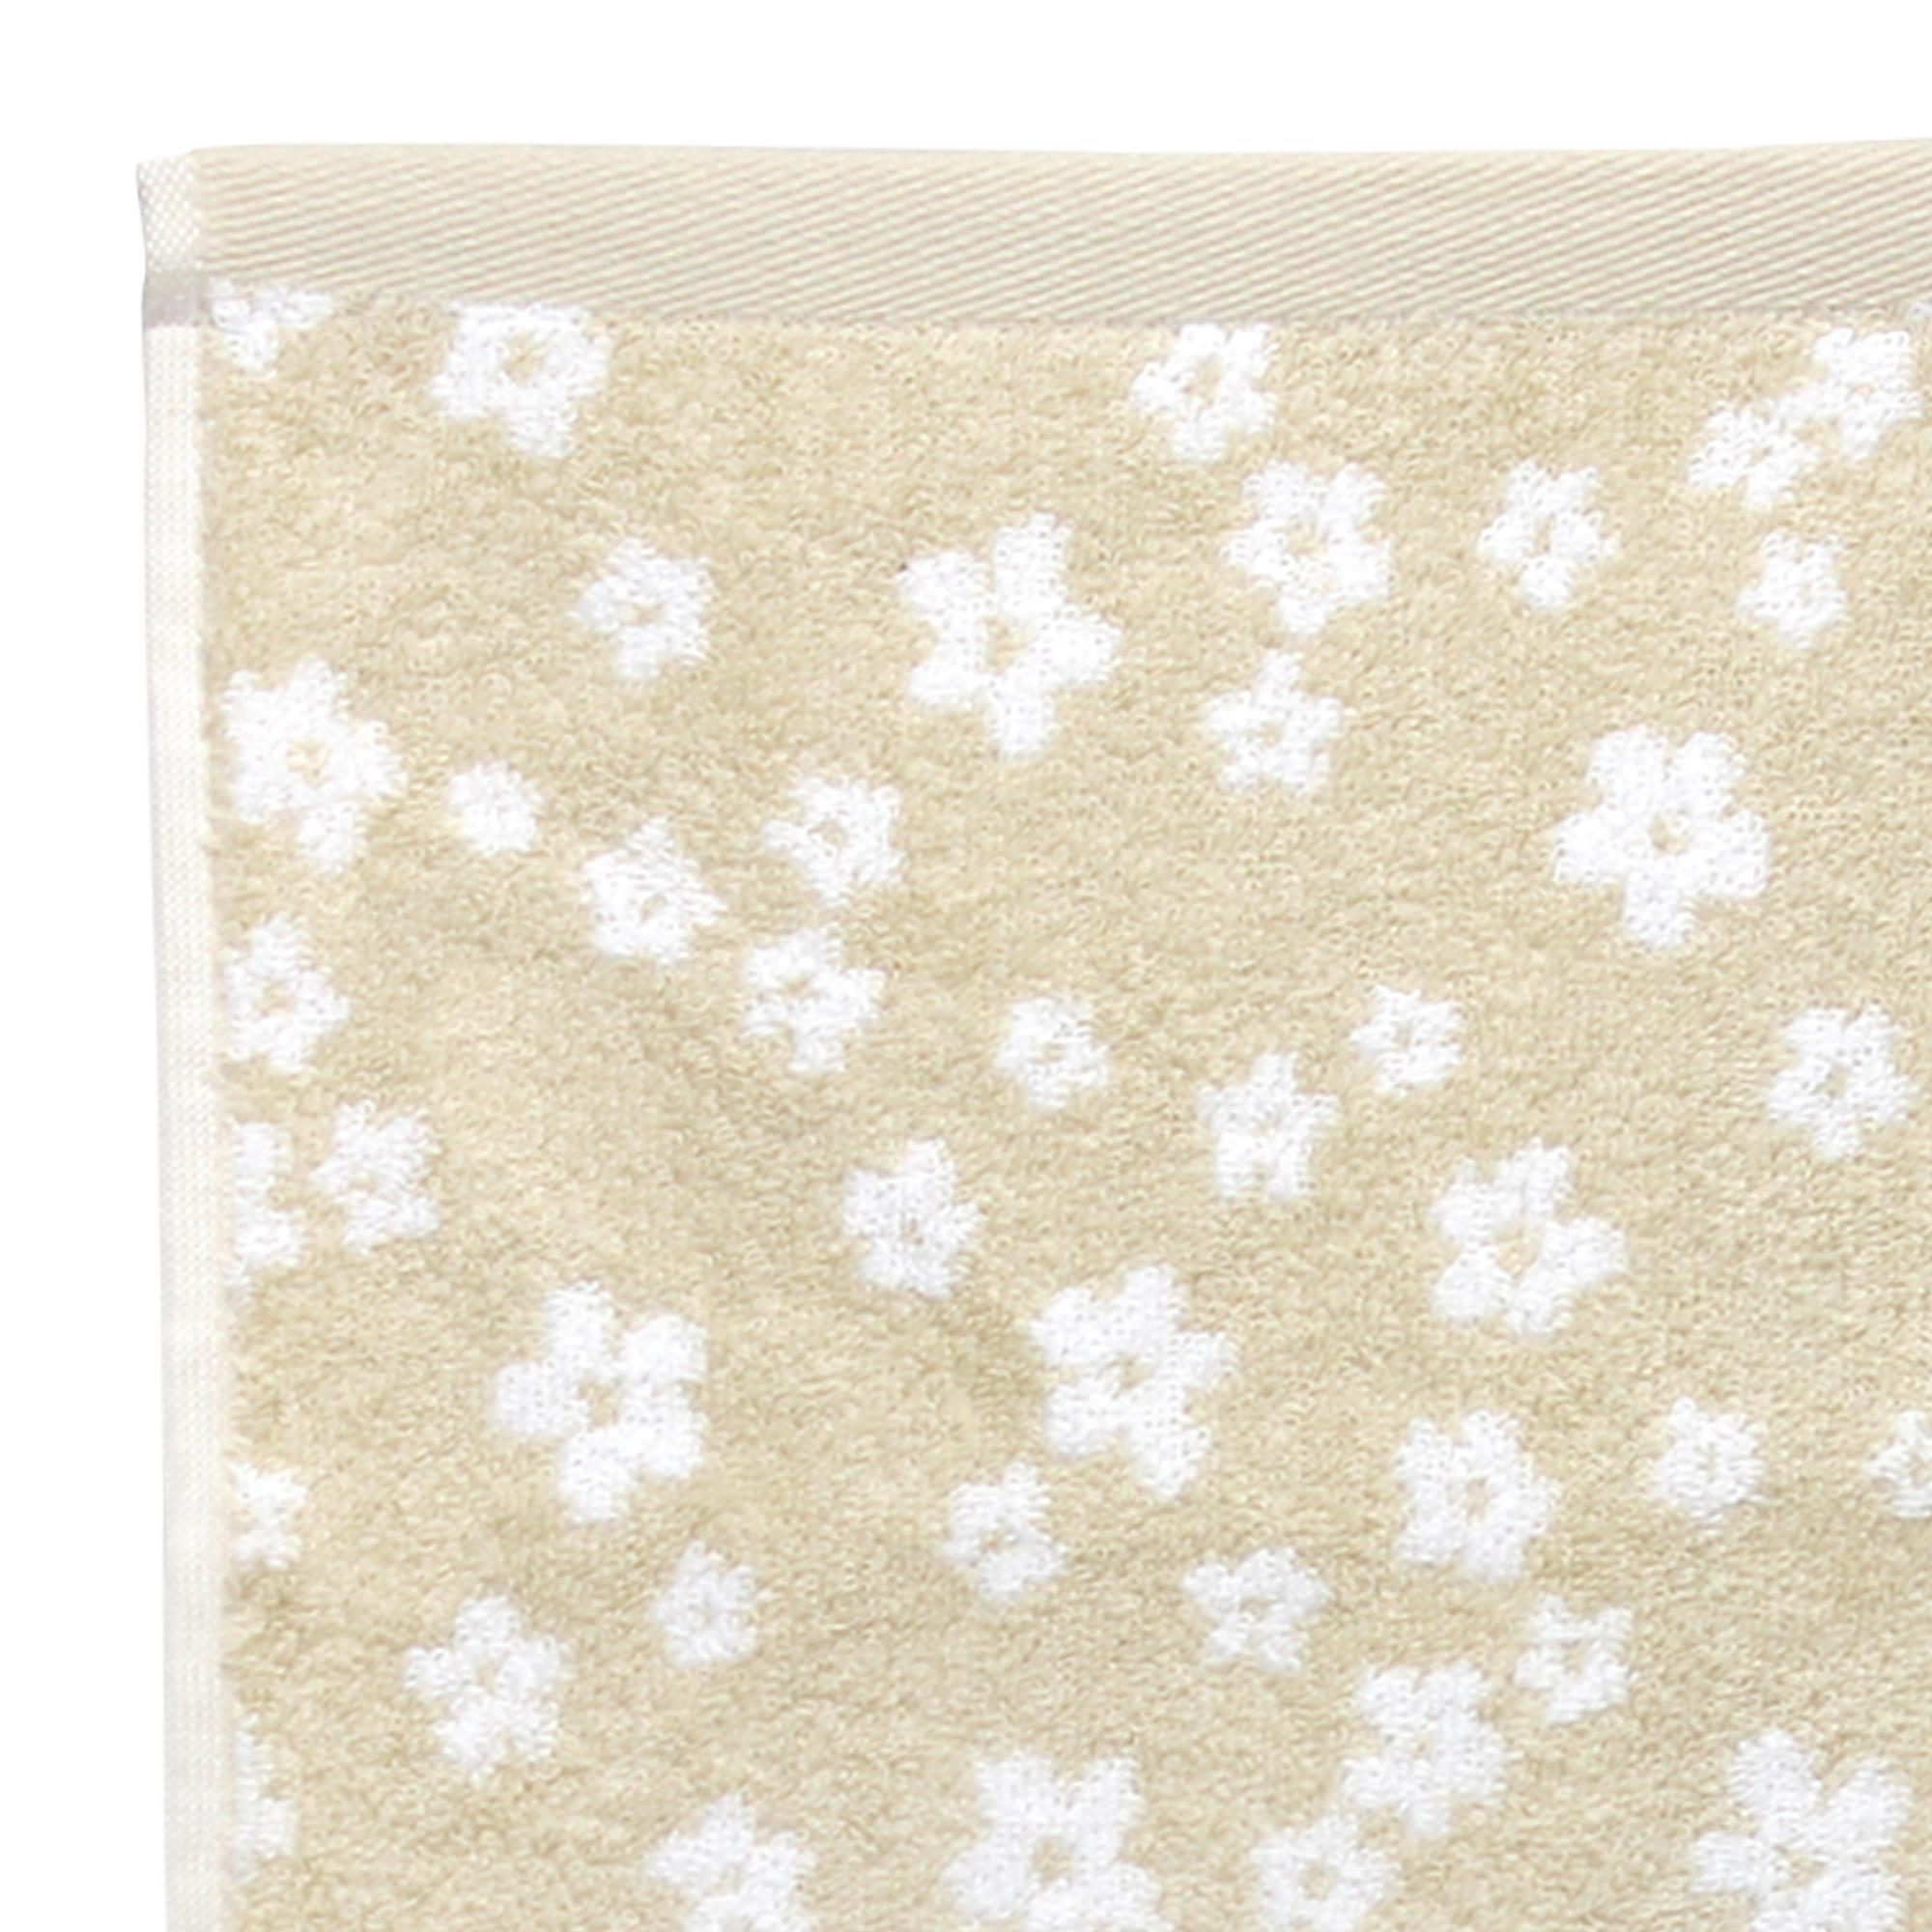 drap bain 100x150 cm coton facile beige linnea linge de maison et. Black Bedroom Furniture Sets. Home Design Ideas